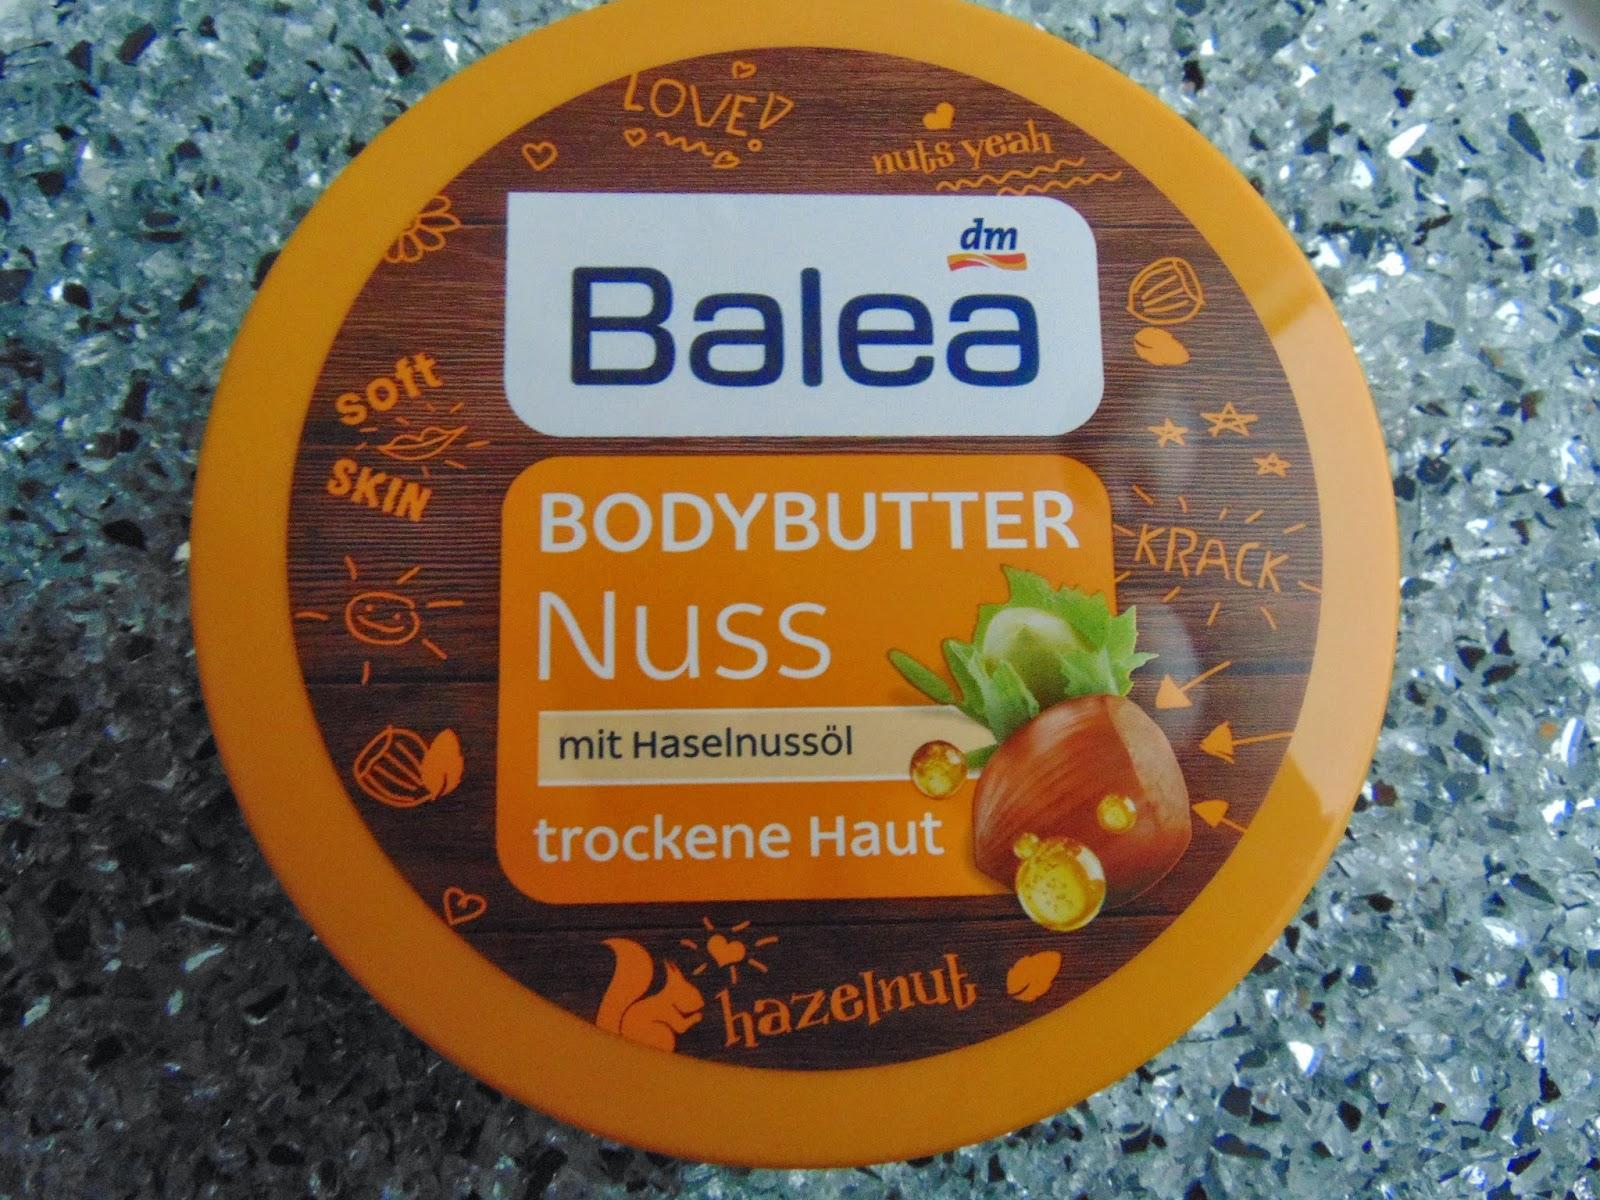 Bodybutter Nuss von Balea - www.annitschkasblog.de